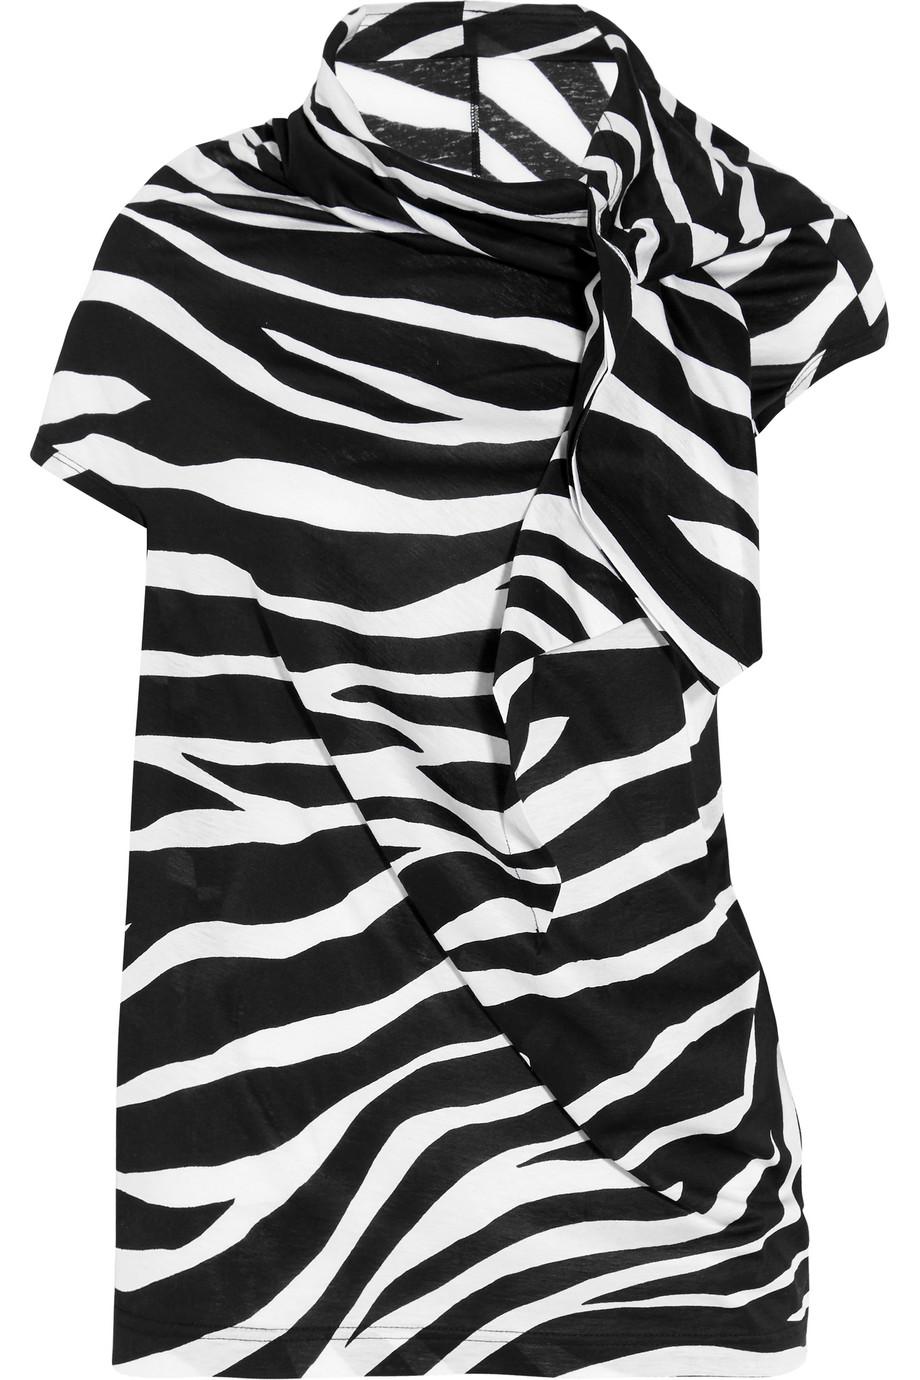 Junya Watanabe Zebra-Print Cotton-Jersey T-Shirt, Black/Zebra Print, Women's